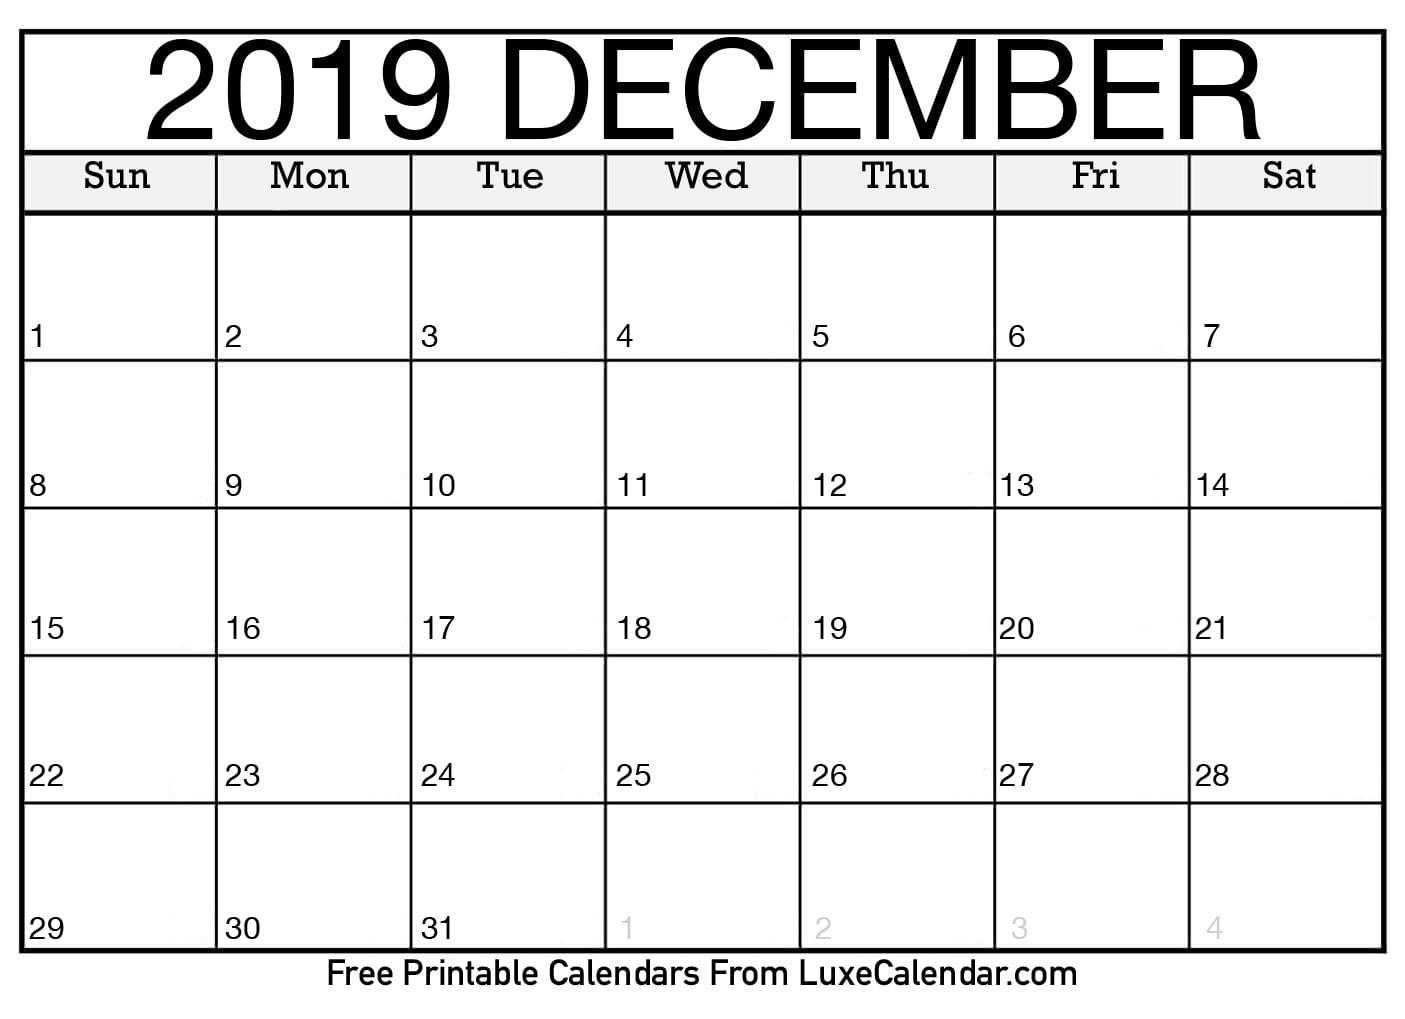 Blank December 2019 Calendar Printable - Luxe Calendar regarding Dec Calendar Printable Template